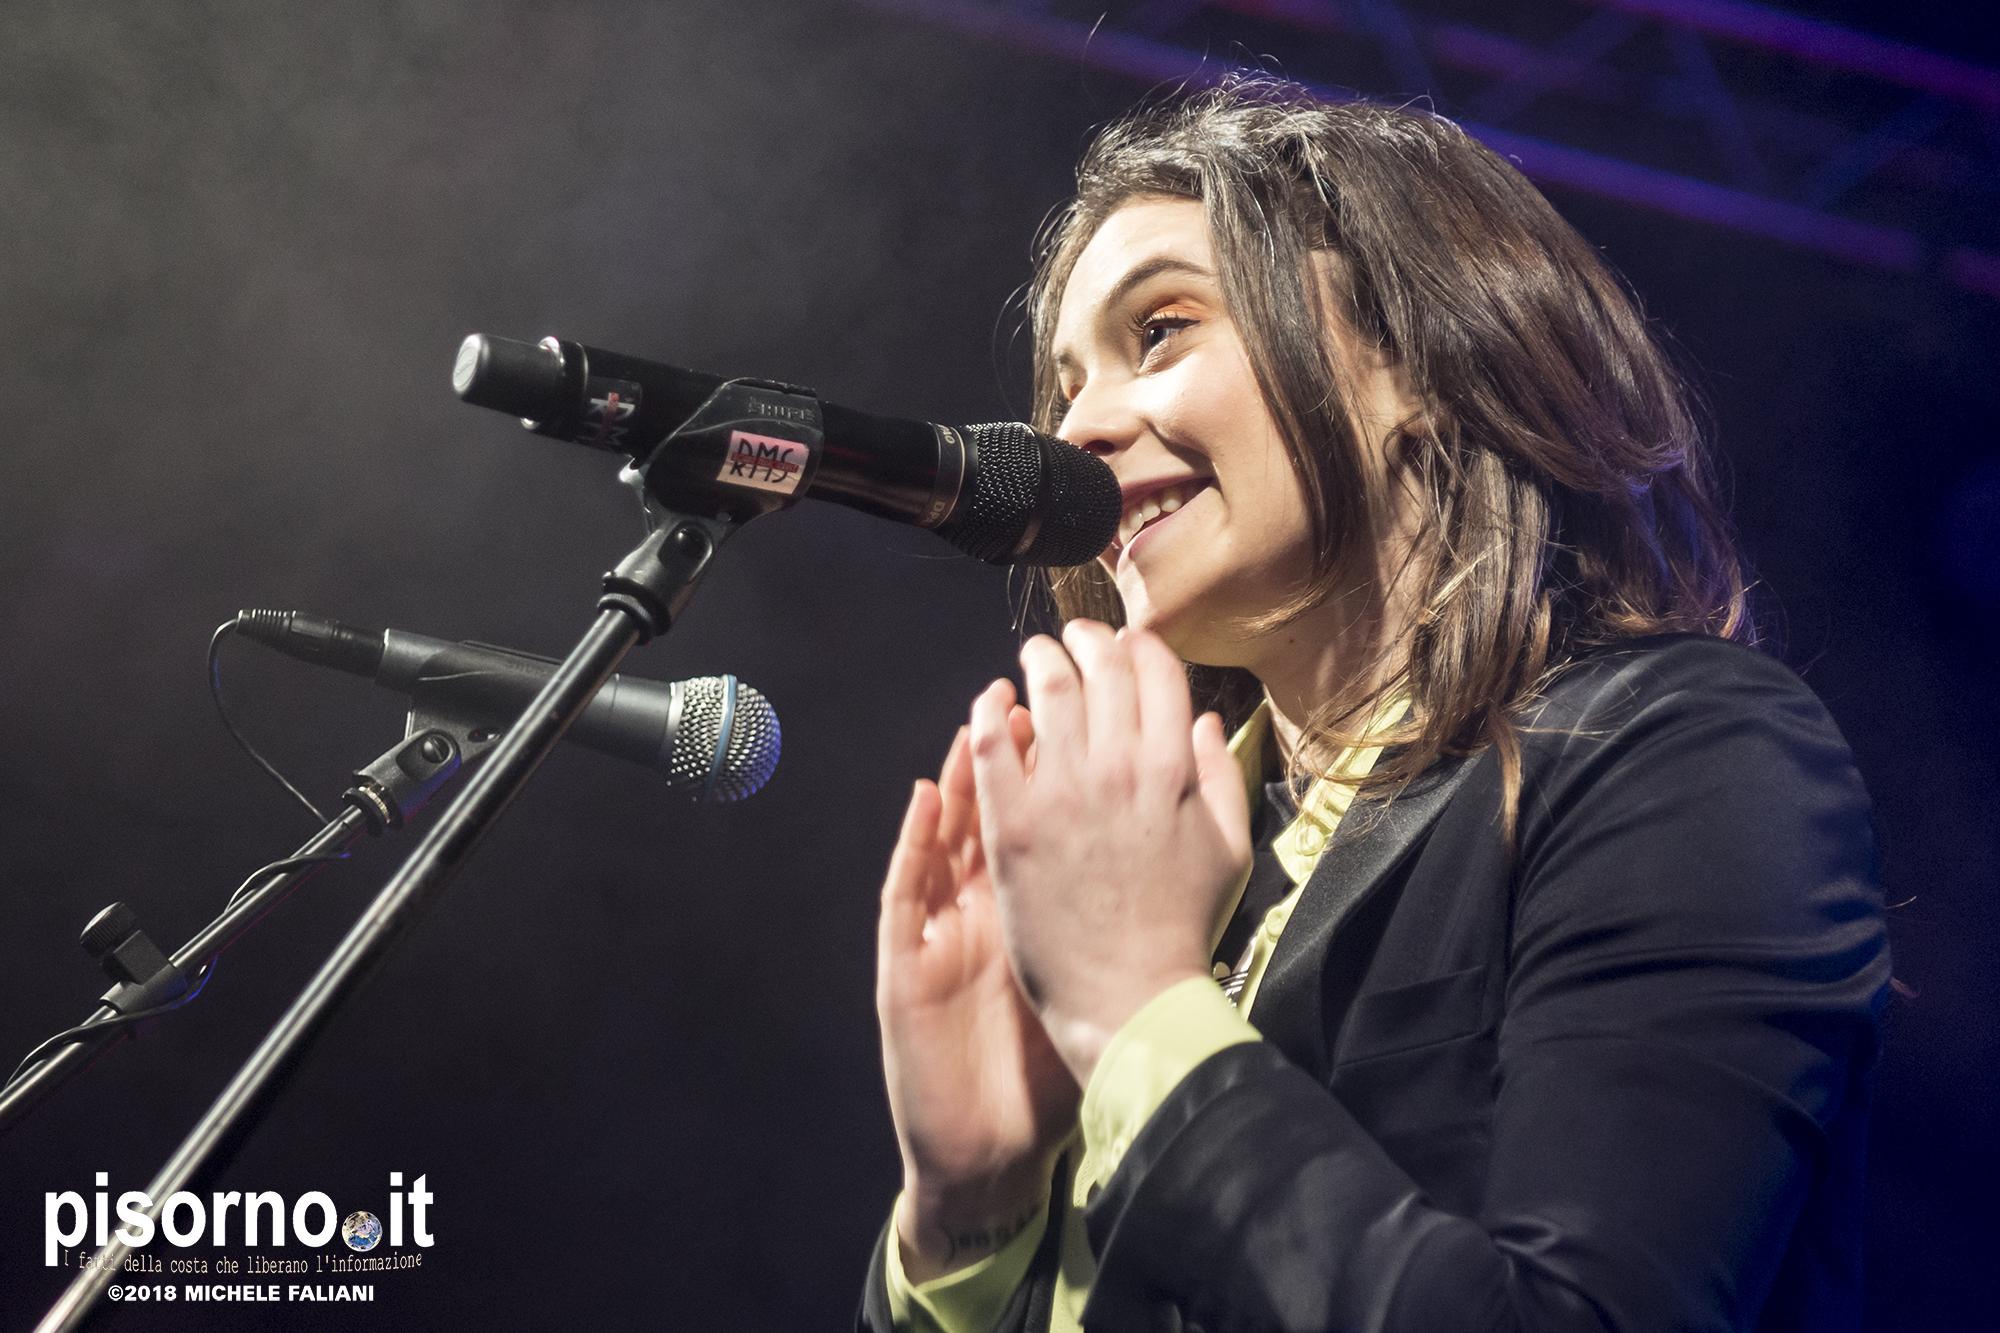 Francesca Michielin @ Viper Theatre (Firenze, Italy), April 15th 2018)